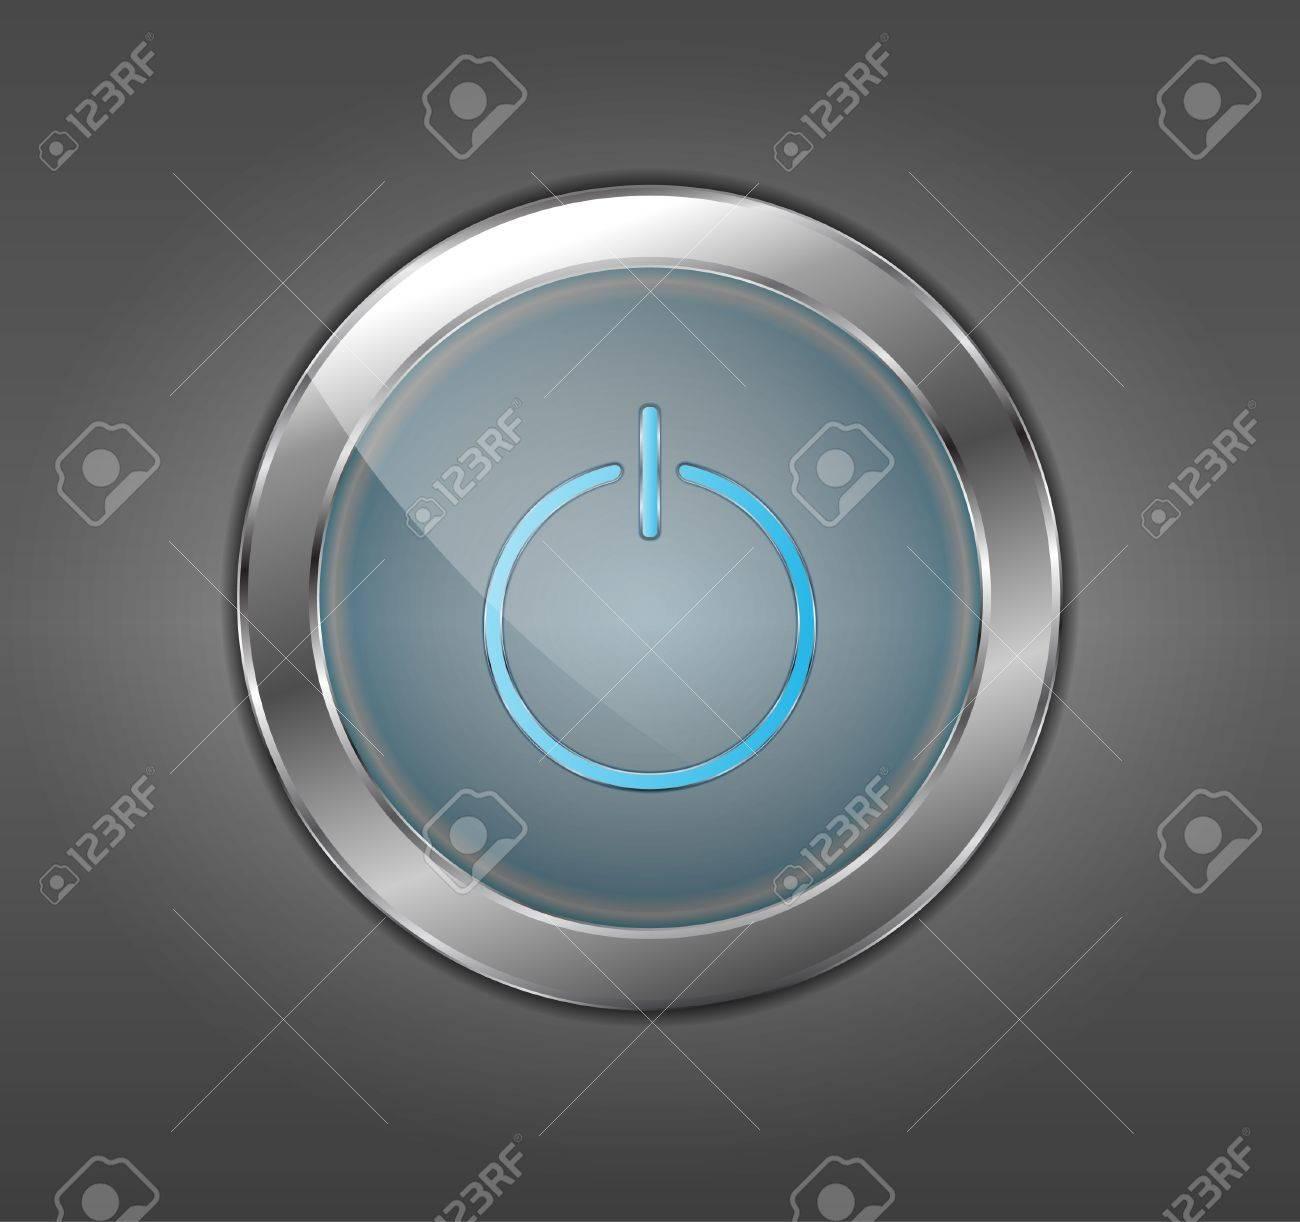 Blue power button Stock Vector - 12486387